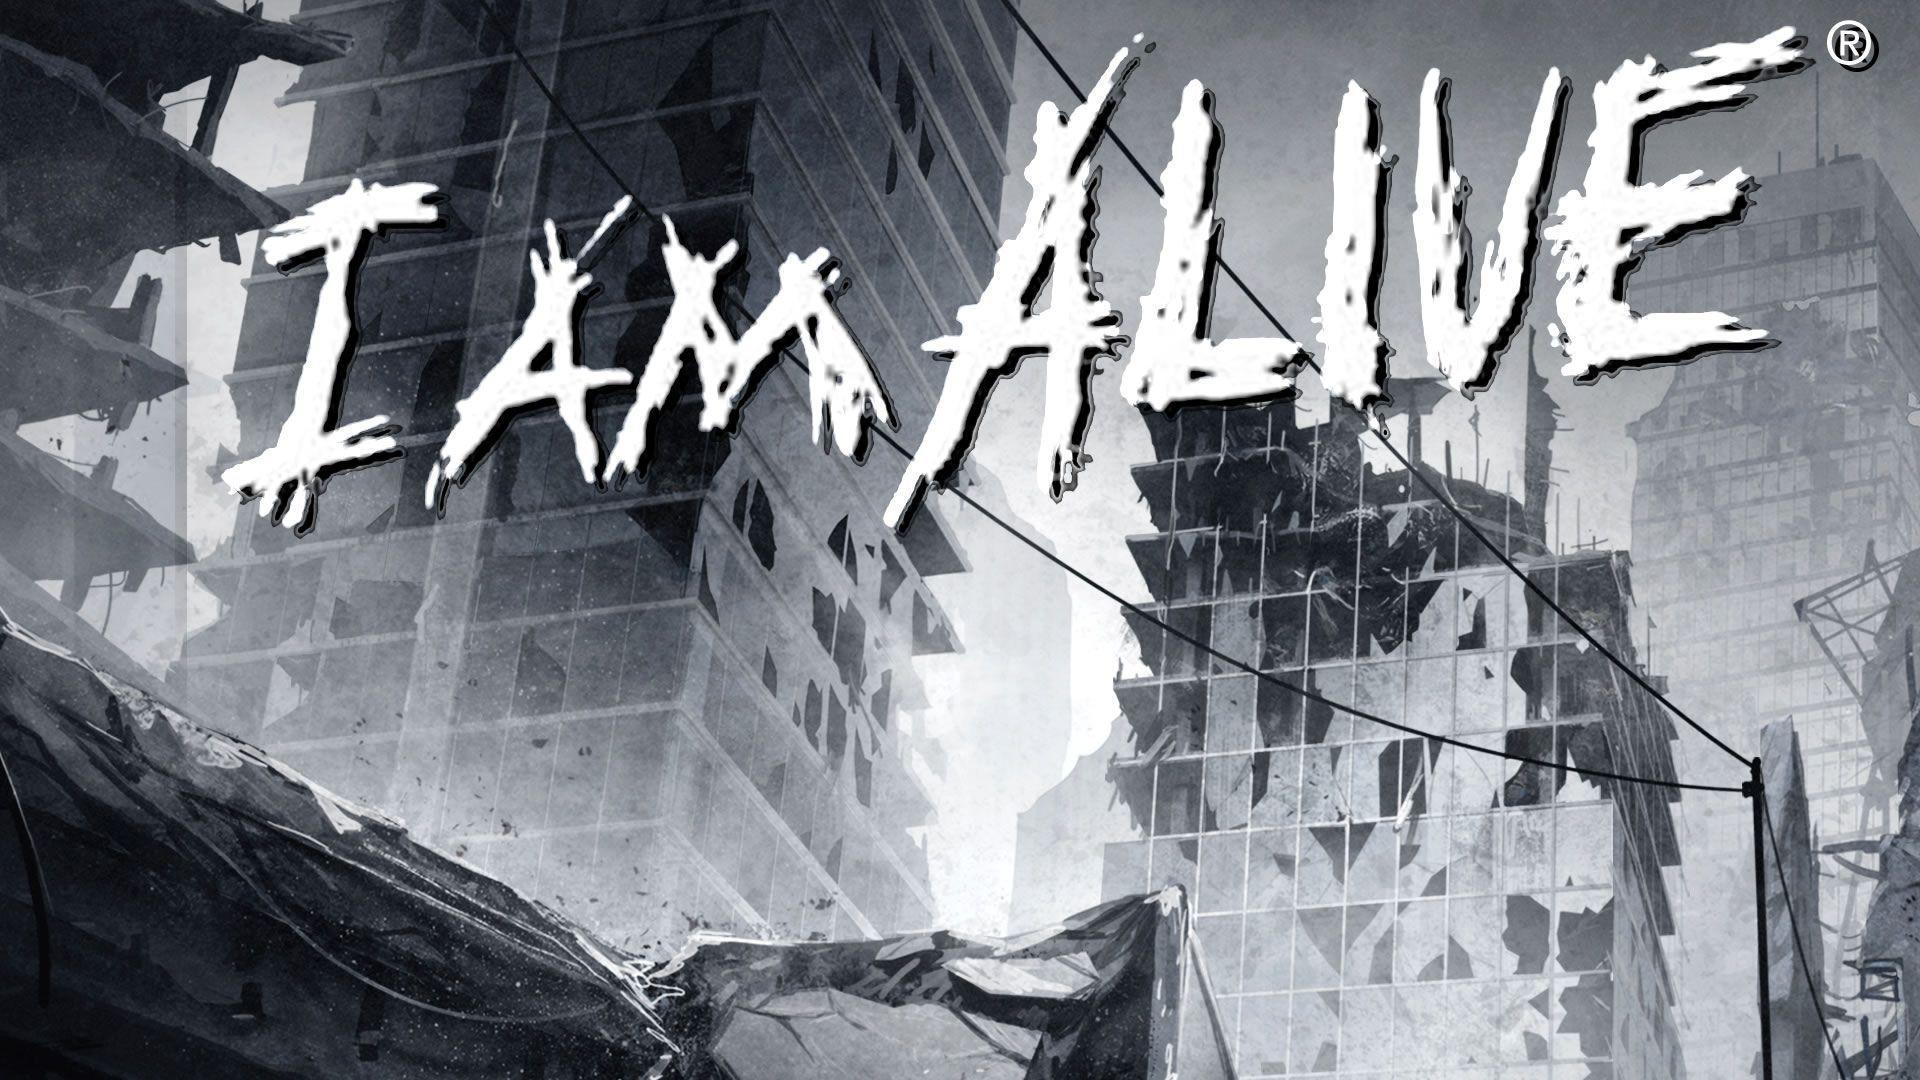 Descargar I Am Alive Pc Full Español Mega 2019 Mundo Post Apocalíptico Español Juegos De Aventura